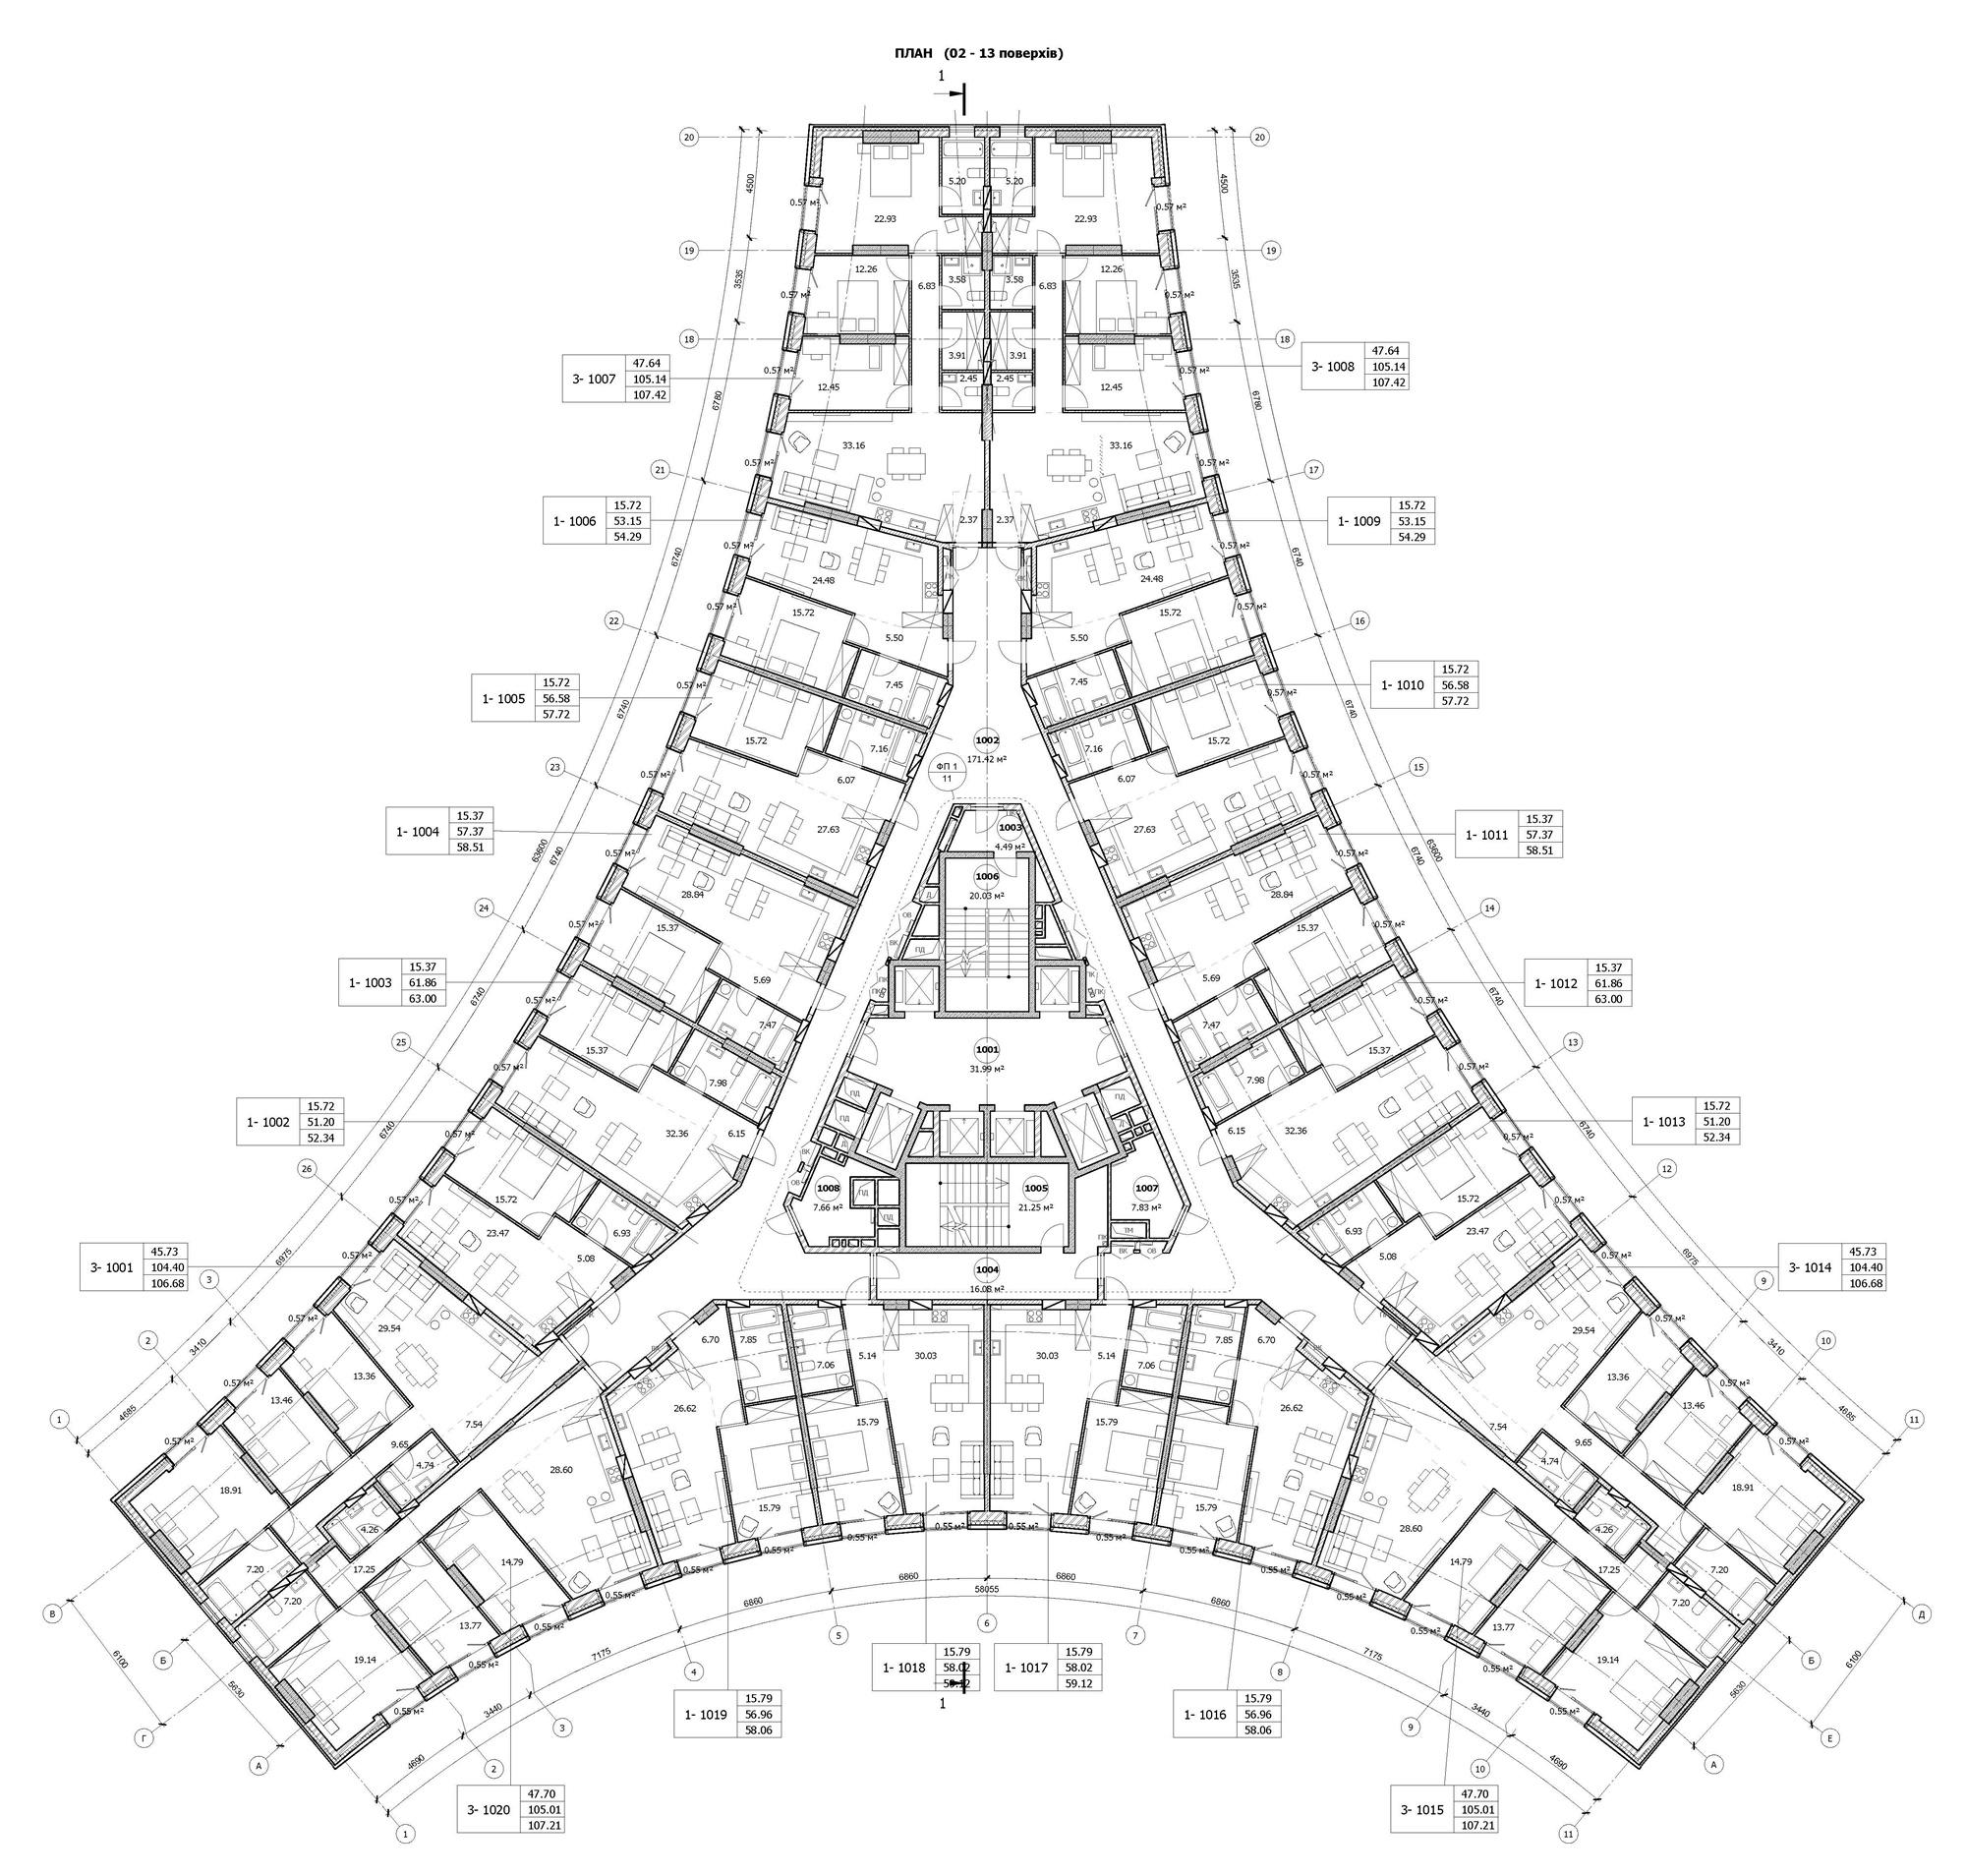 ЖК Bereg Residence поэтажный план